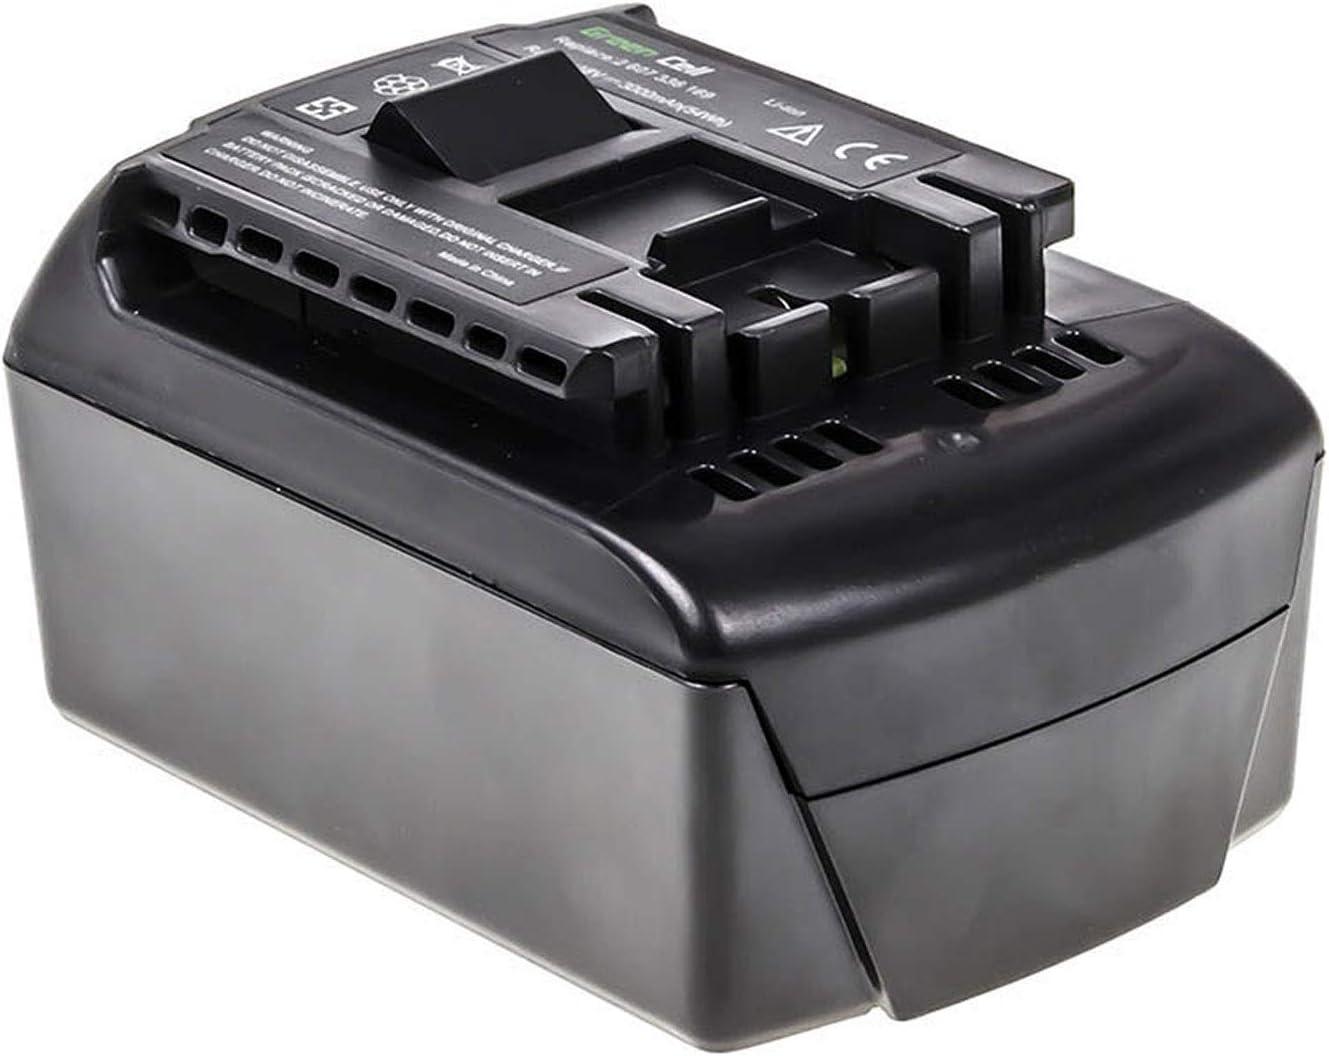 GC/® 3Ah 18V Li-Ion celdas Bater/ía para Bosch GOP 18 V-28 de Herramienta El/éctrica